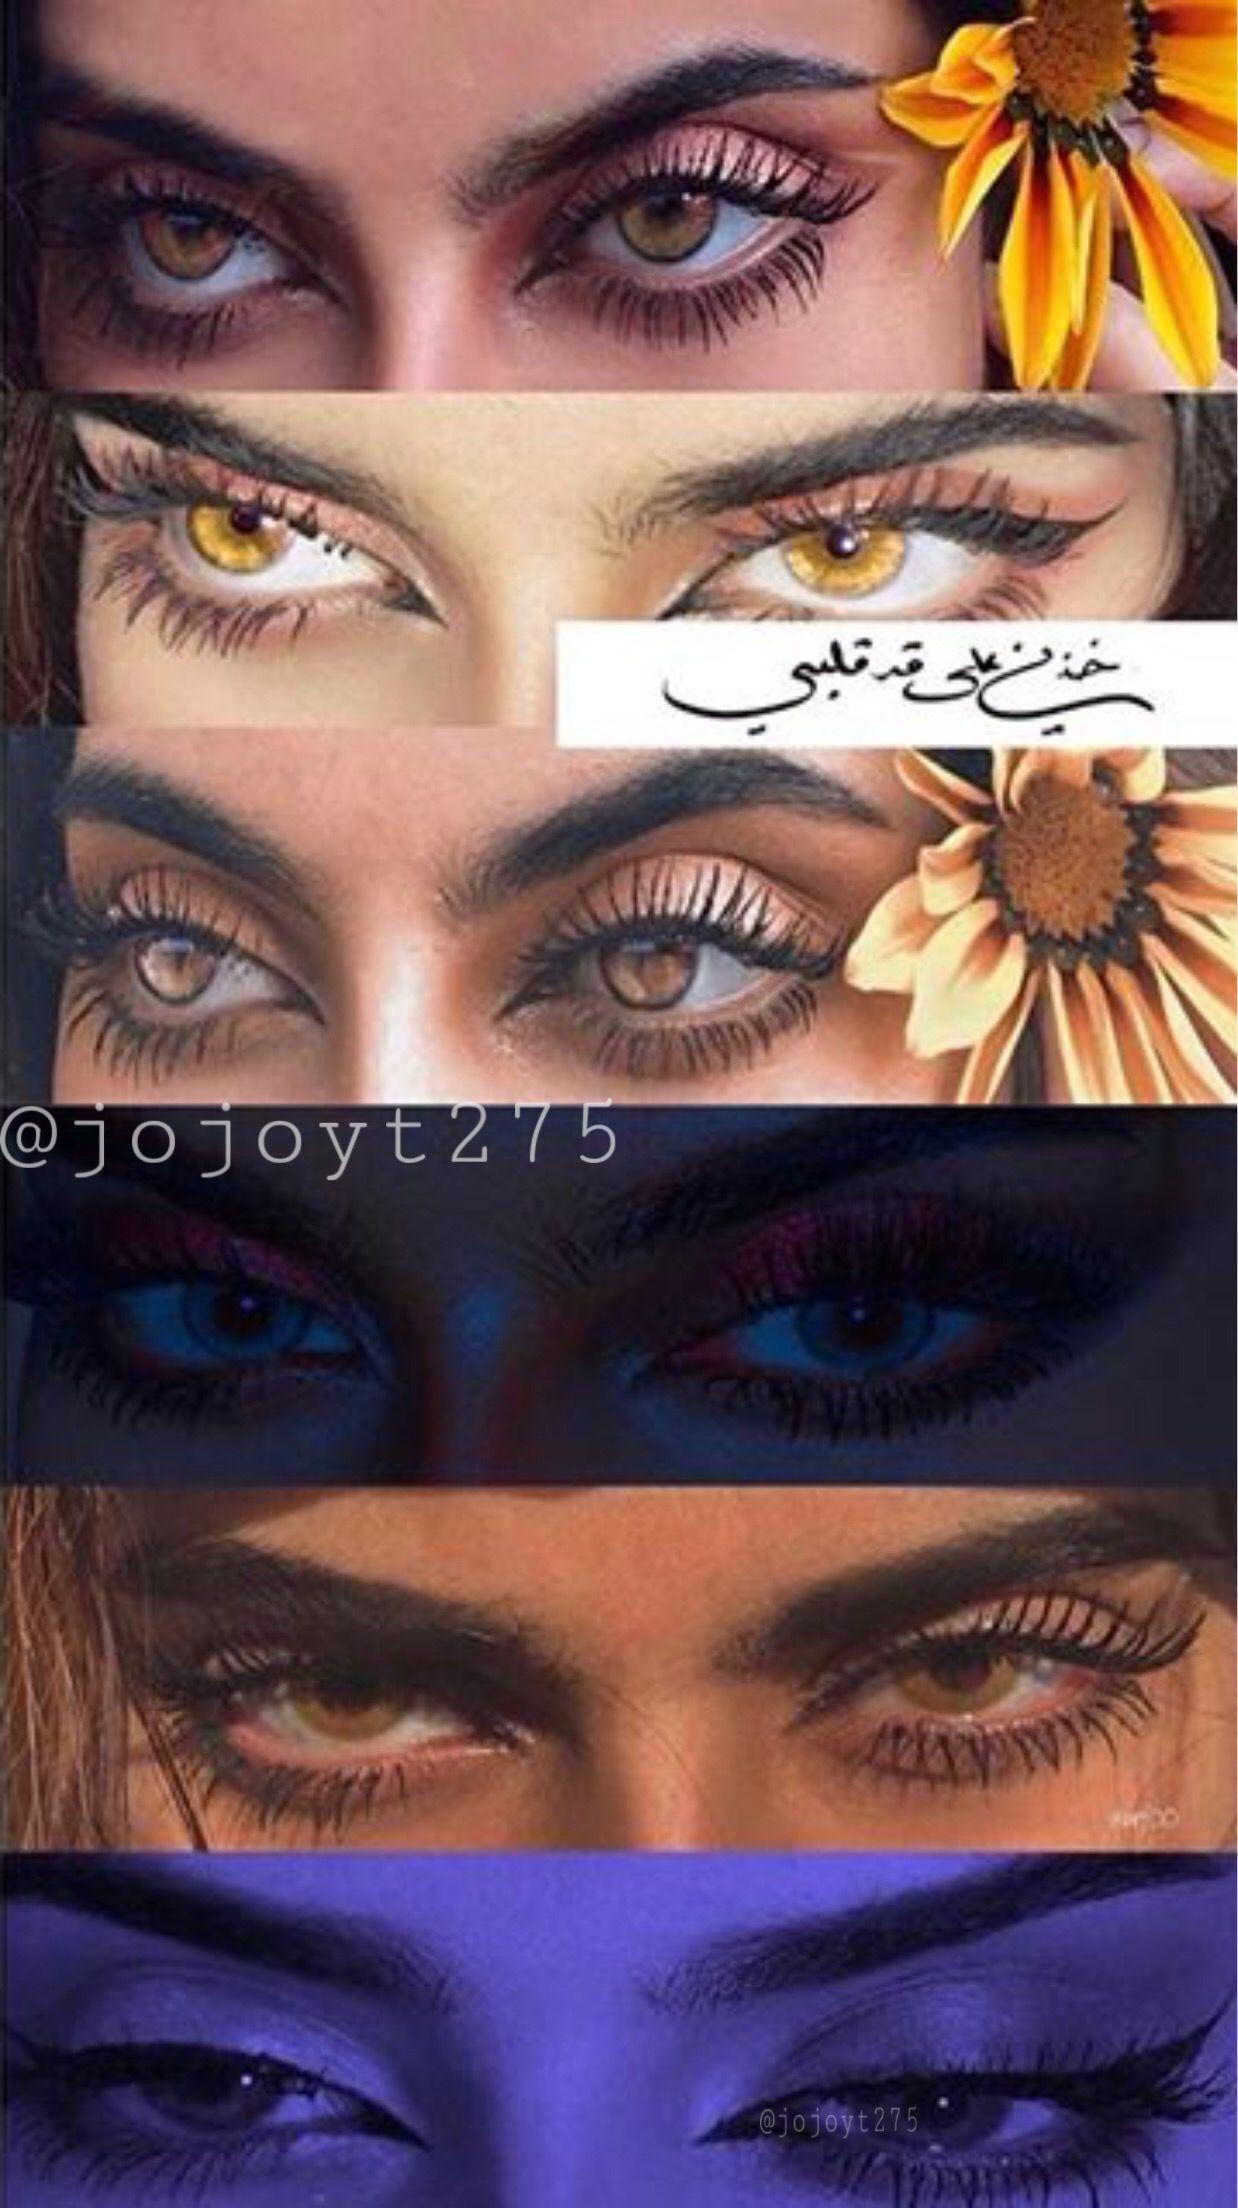 بنات عيون افتار هيدرات خلفيات عبارات Cute Friend Pictures Aesthetic Eyes Cute Baby Girl Pictures